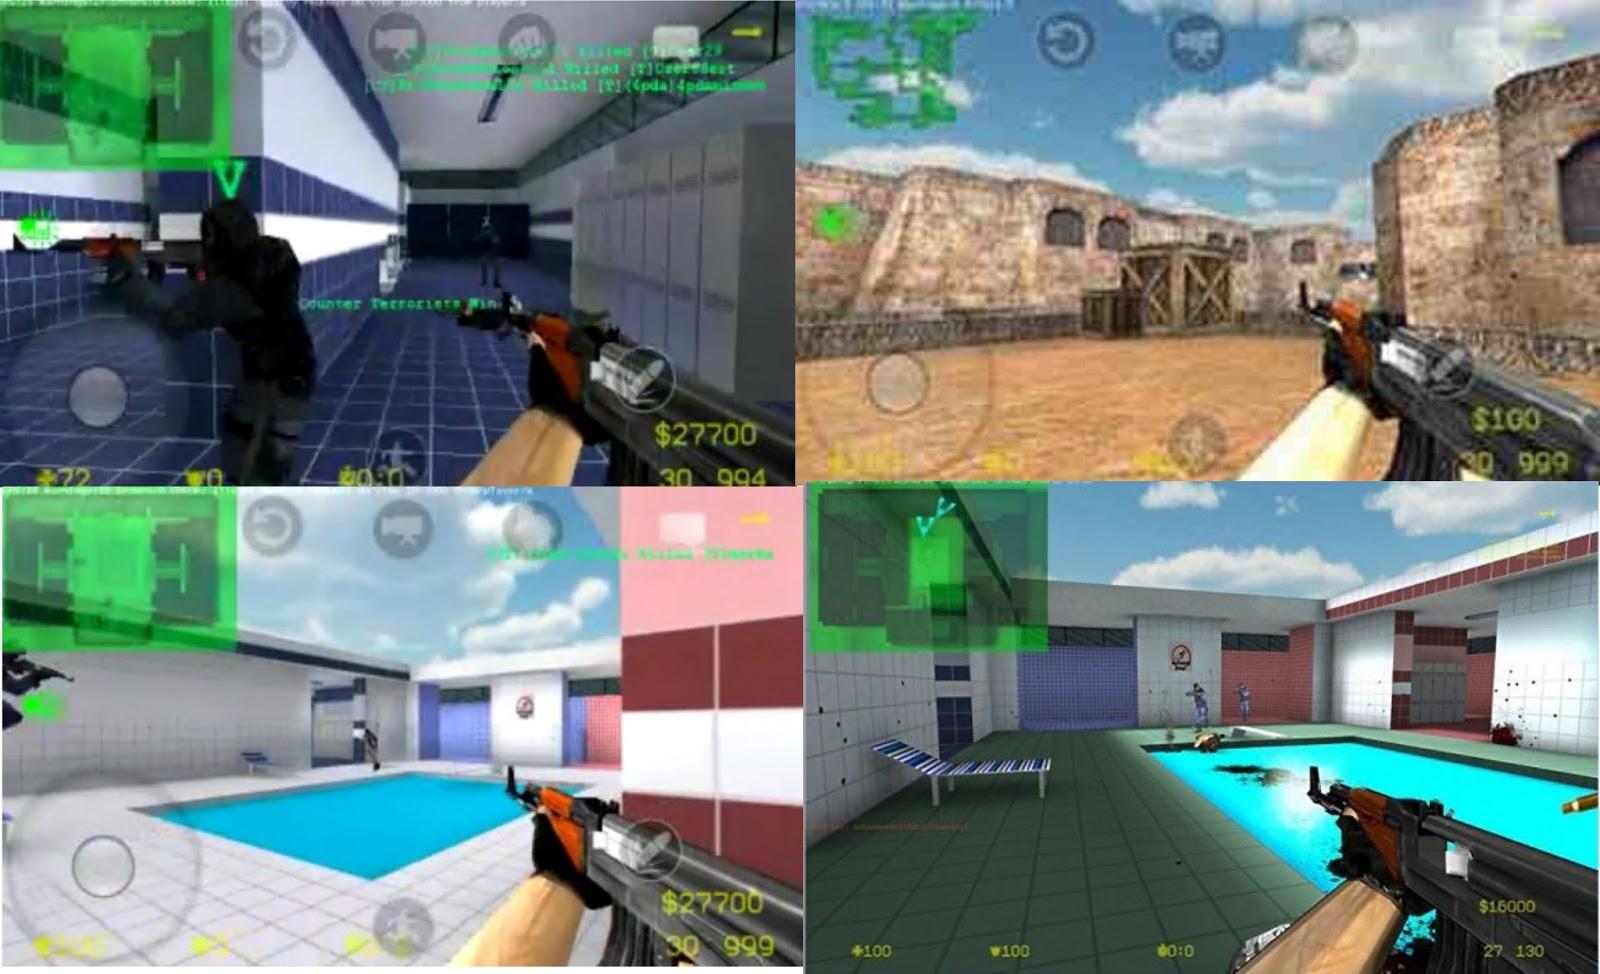 http://1.bp.blogspot.com/-uSmswCECyu8/US3Iq1roWUI/AAAAAAAAAos/HwmDfc2C3MU/s1600/Counter%2BStrike%2B-%2Bgames%2Bandroid%2Bapk%2Bdata%2B-%2Bgamebunkerz%2Bblogspot%2Bcom.jpg